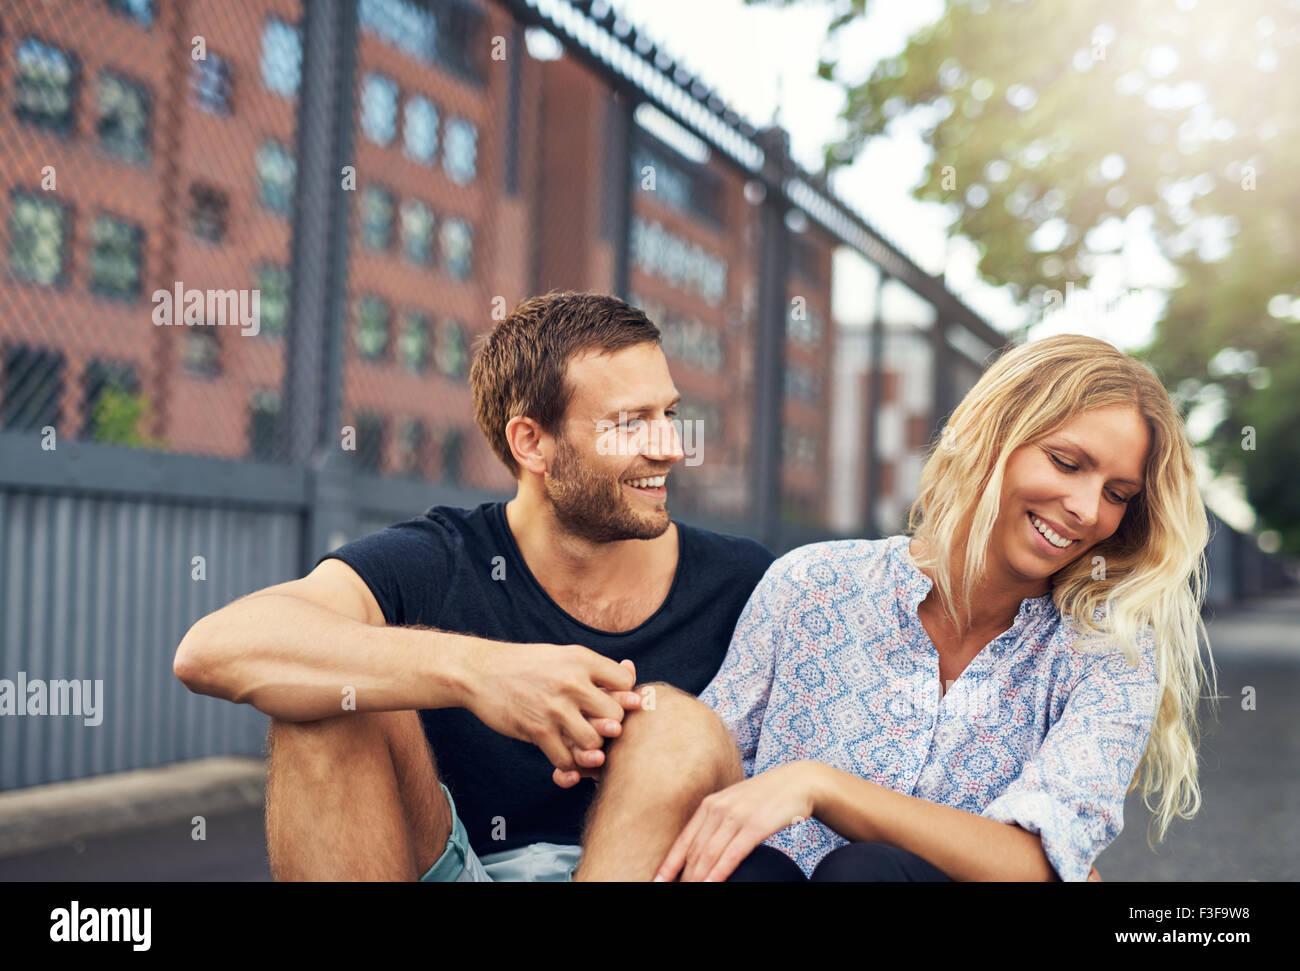 Hombre fastidiar a su novia, la gran ciudad de pareja en un parque Imagen De Stock